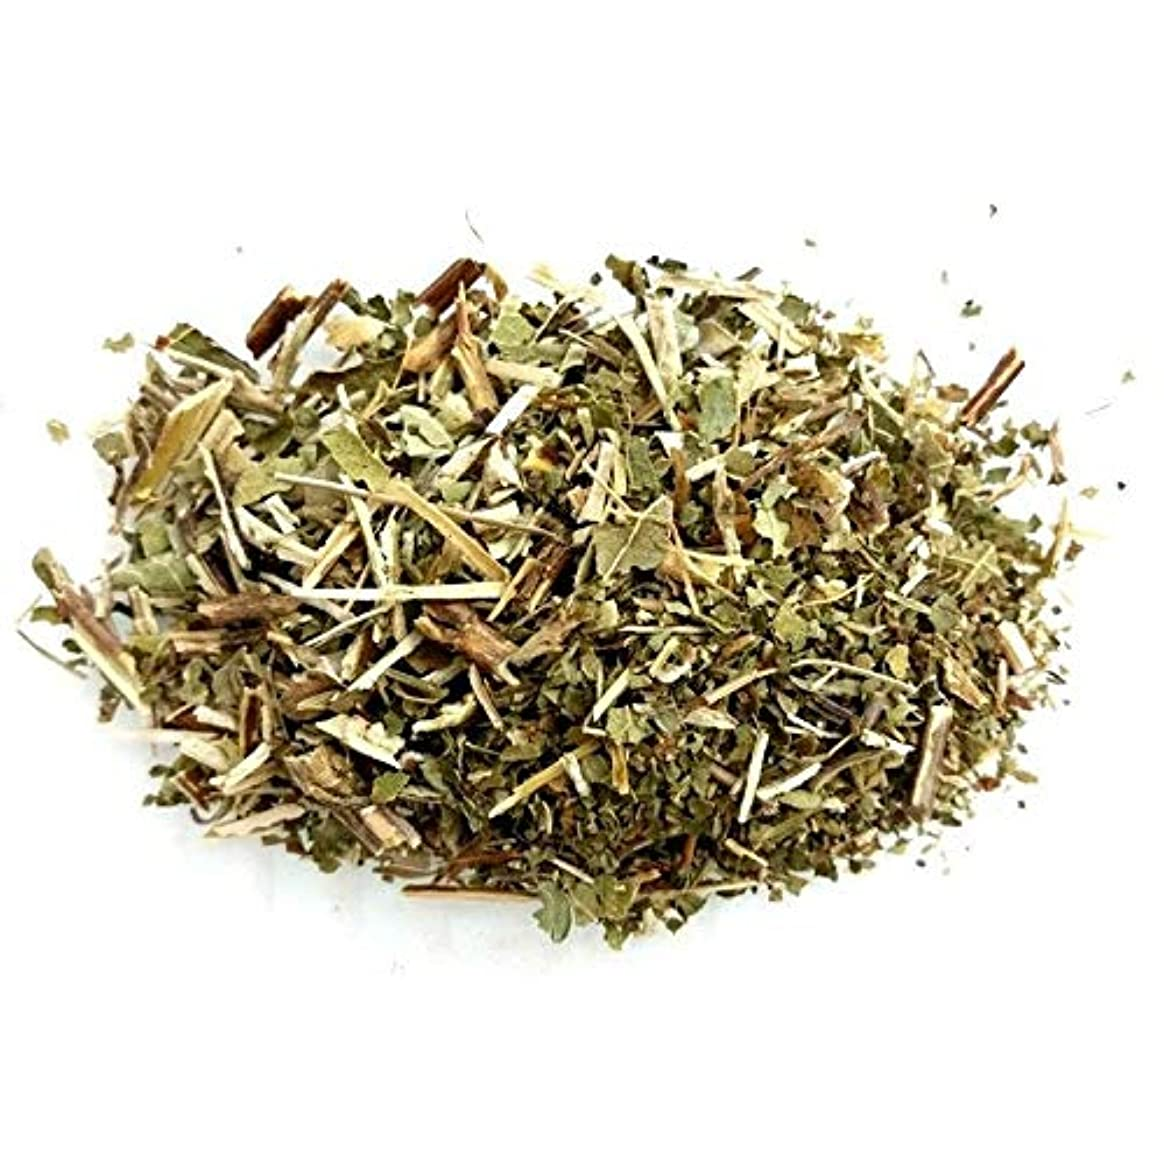 しないでくださいコジオスコ排泄物種子パッケージ:Scullcap -IncenseフレグランスMagikal Seedion儀式ウィッカパガンゴス祭壇